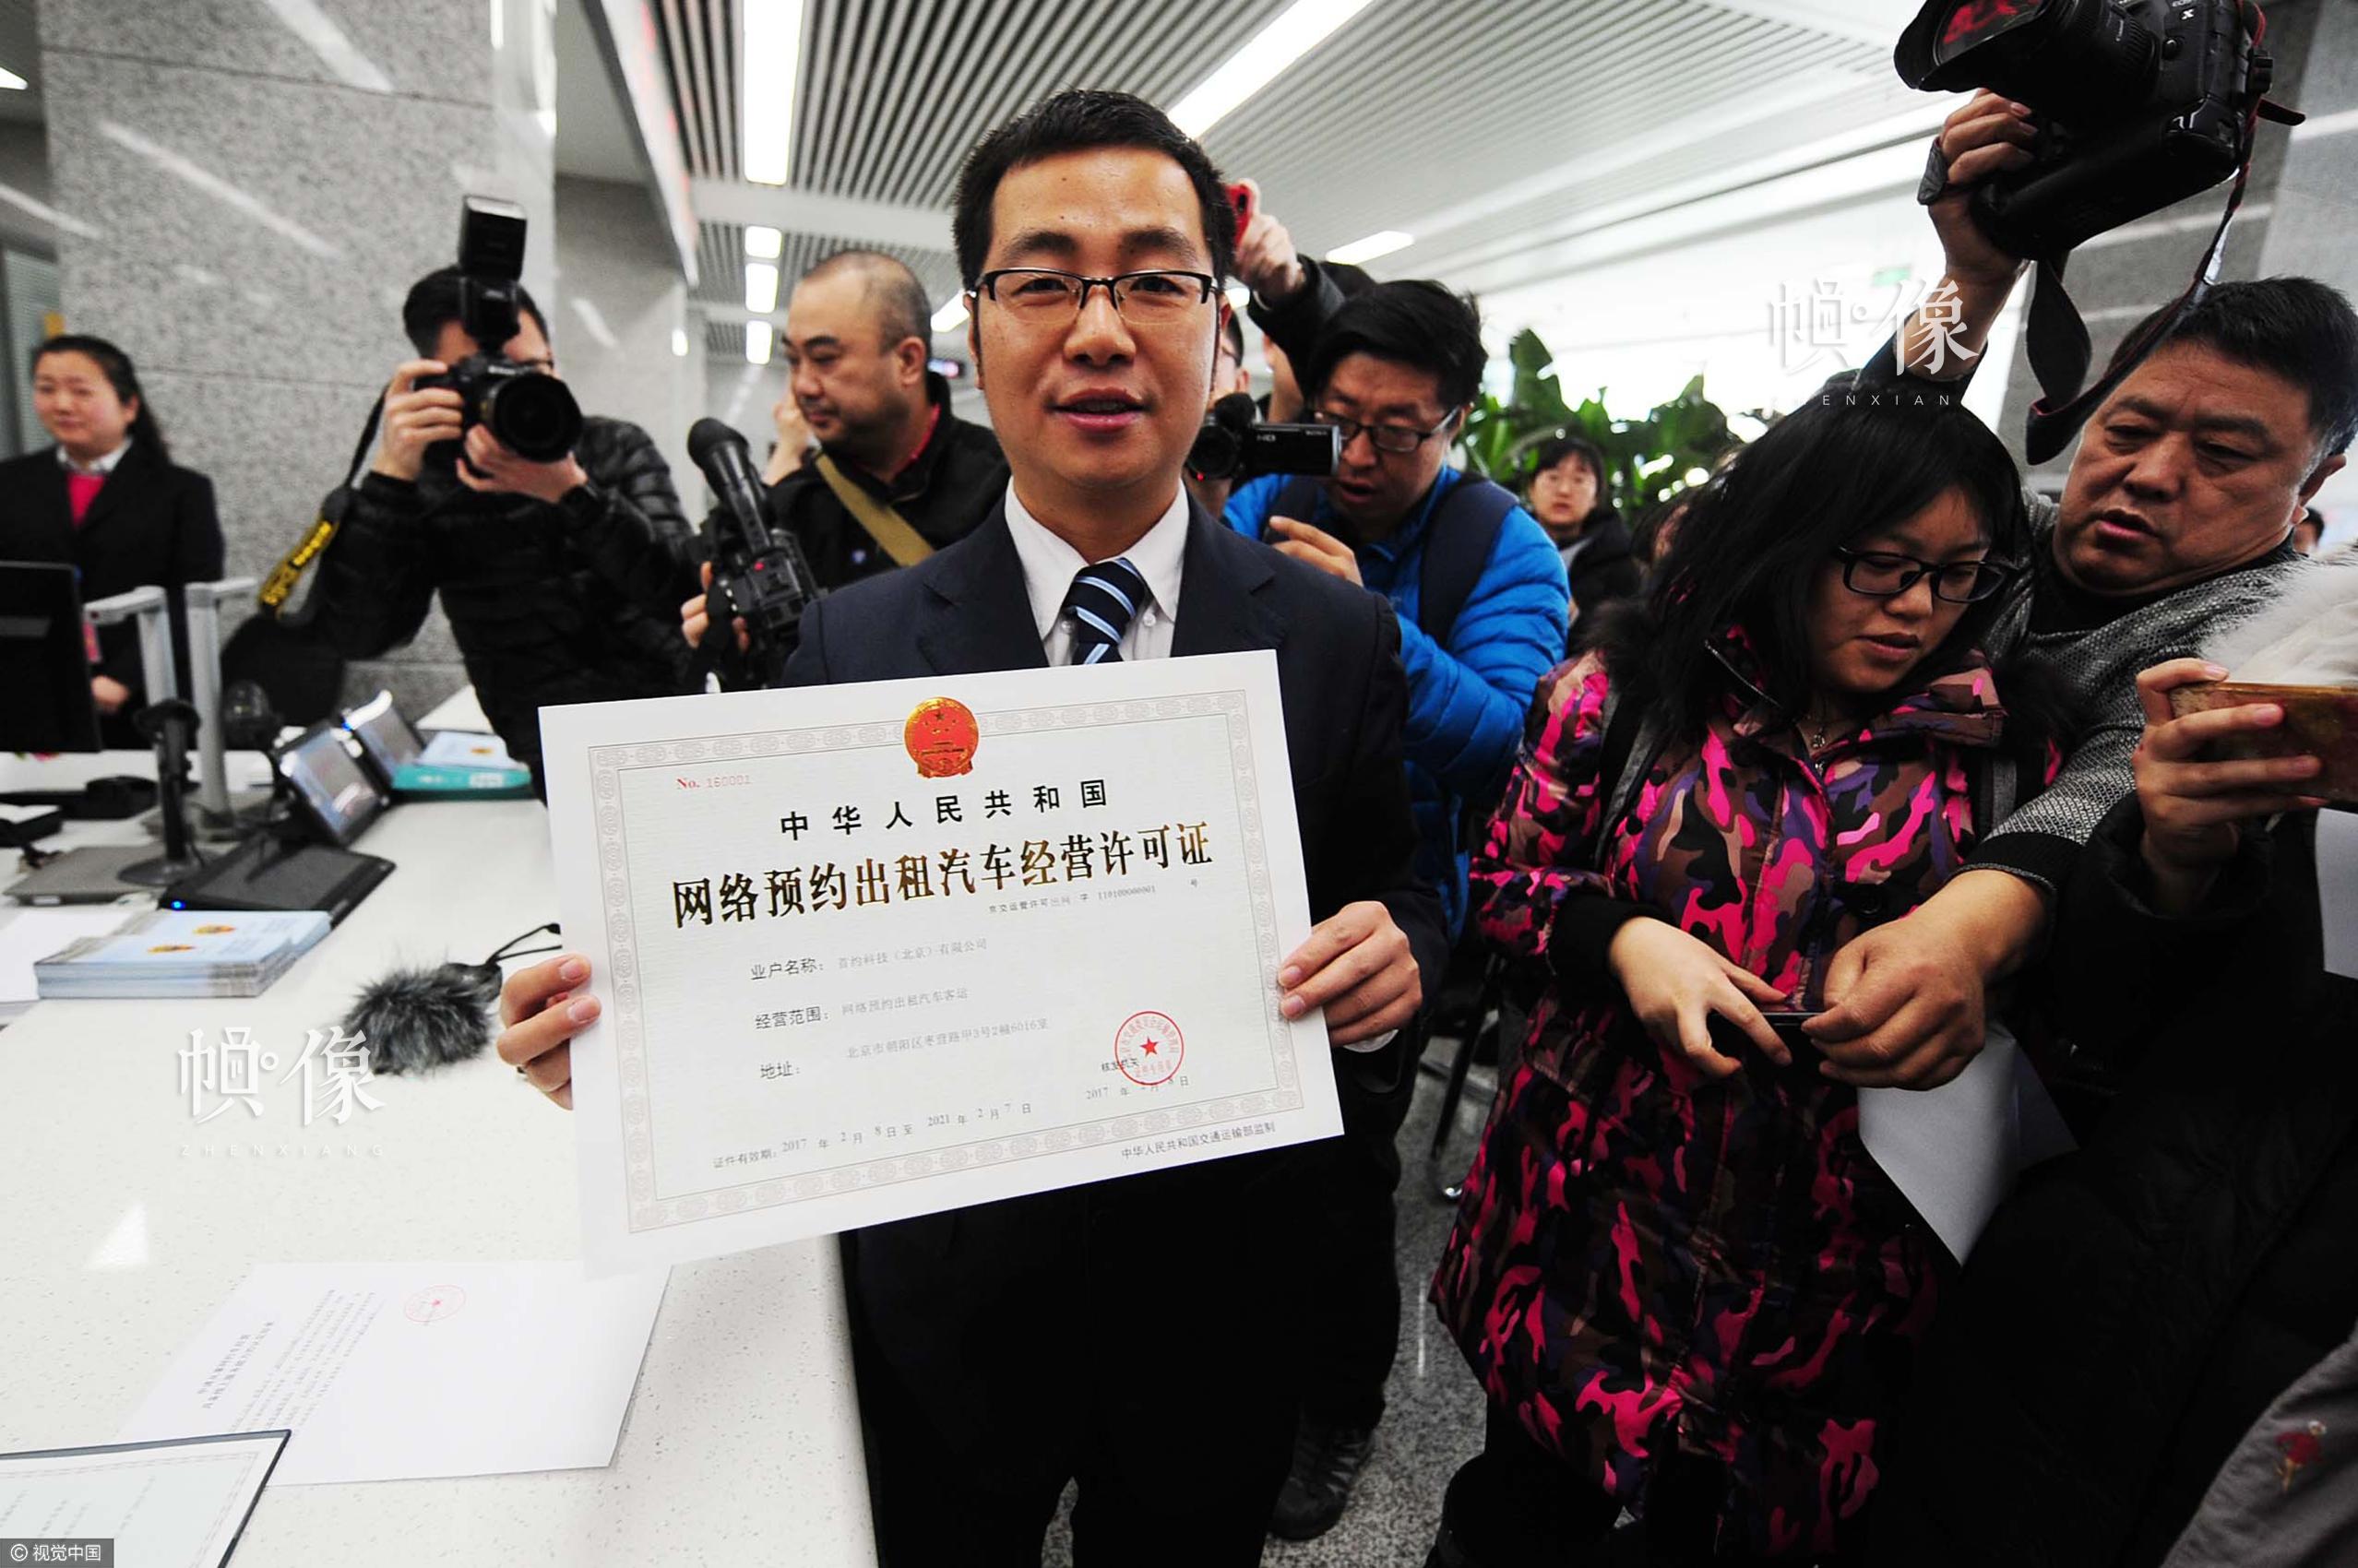 2017年2月8日,北京,首汽约车负责人第一时间来到北京市政务服务中心,工作人员向首汽约车颁发北京网约车平台经营许可证。这是北京发放的首家省一级平台资格许可证。图片作者:北京青年报 袁艺/视觉中国